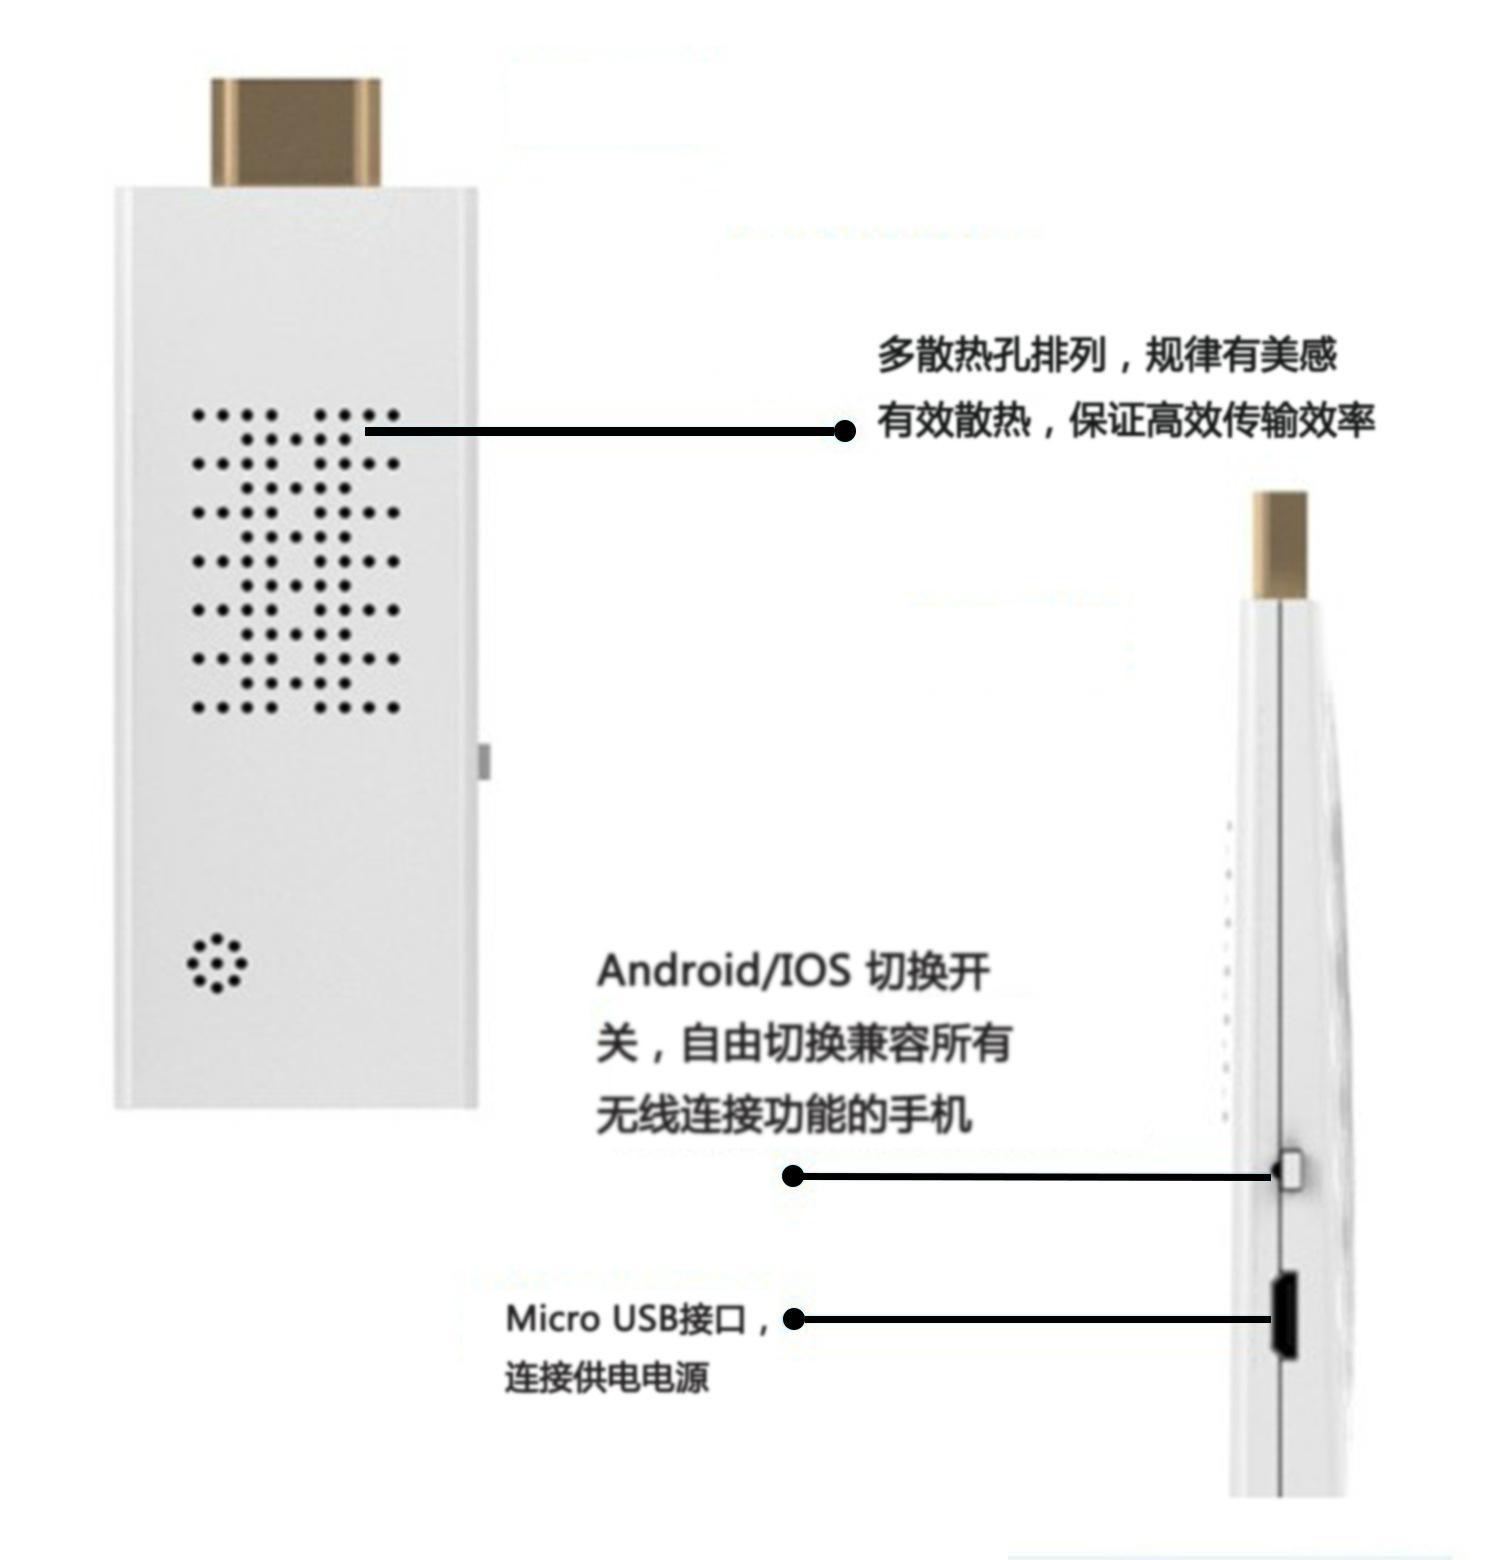 厂家热销 无线 镜像同屏hdmi推送器 5